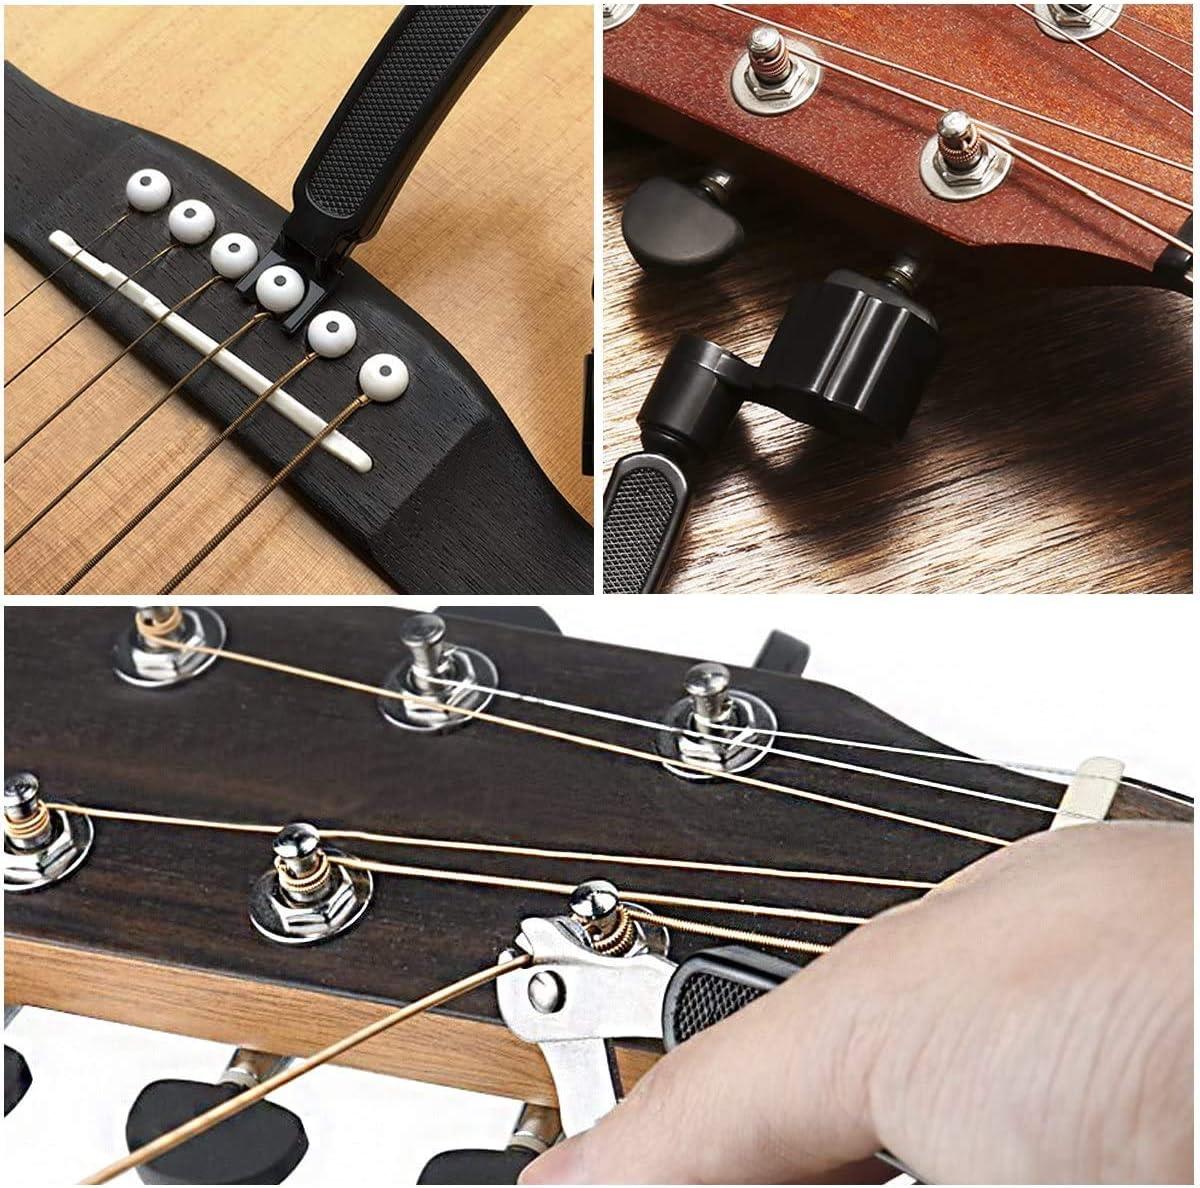 Voarge 3 en 1 Outil de r/éparation de cordes de guitare outil de r/éparation et r/églage de la guitare outil de r/étraction extracteur accessoires